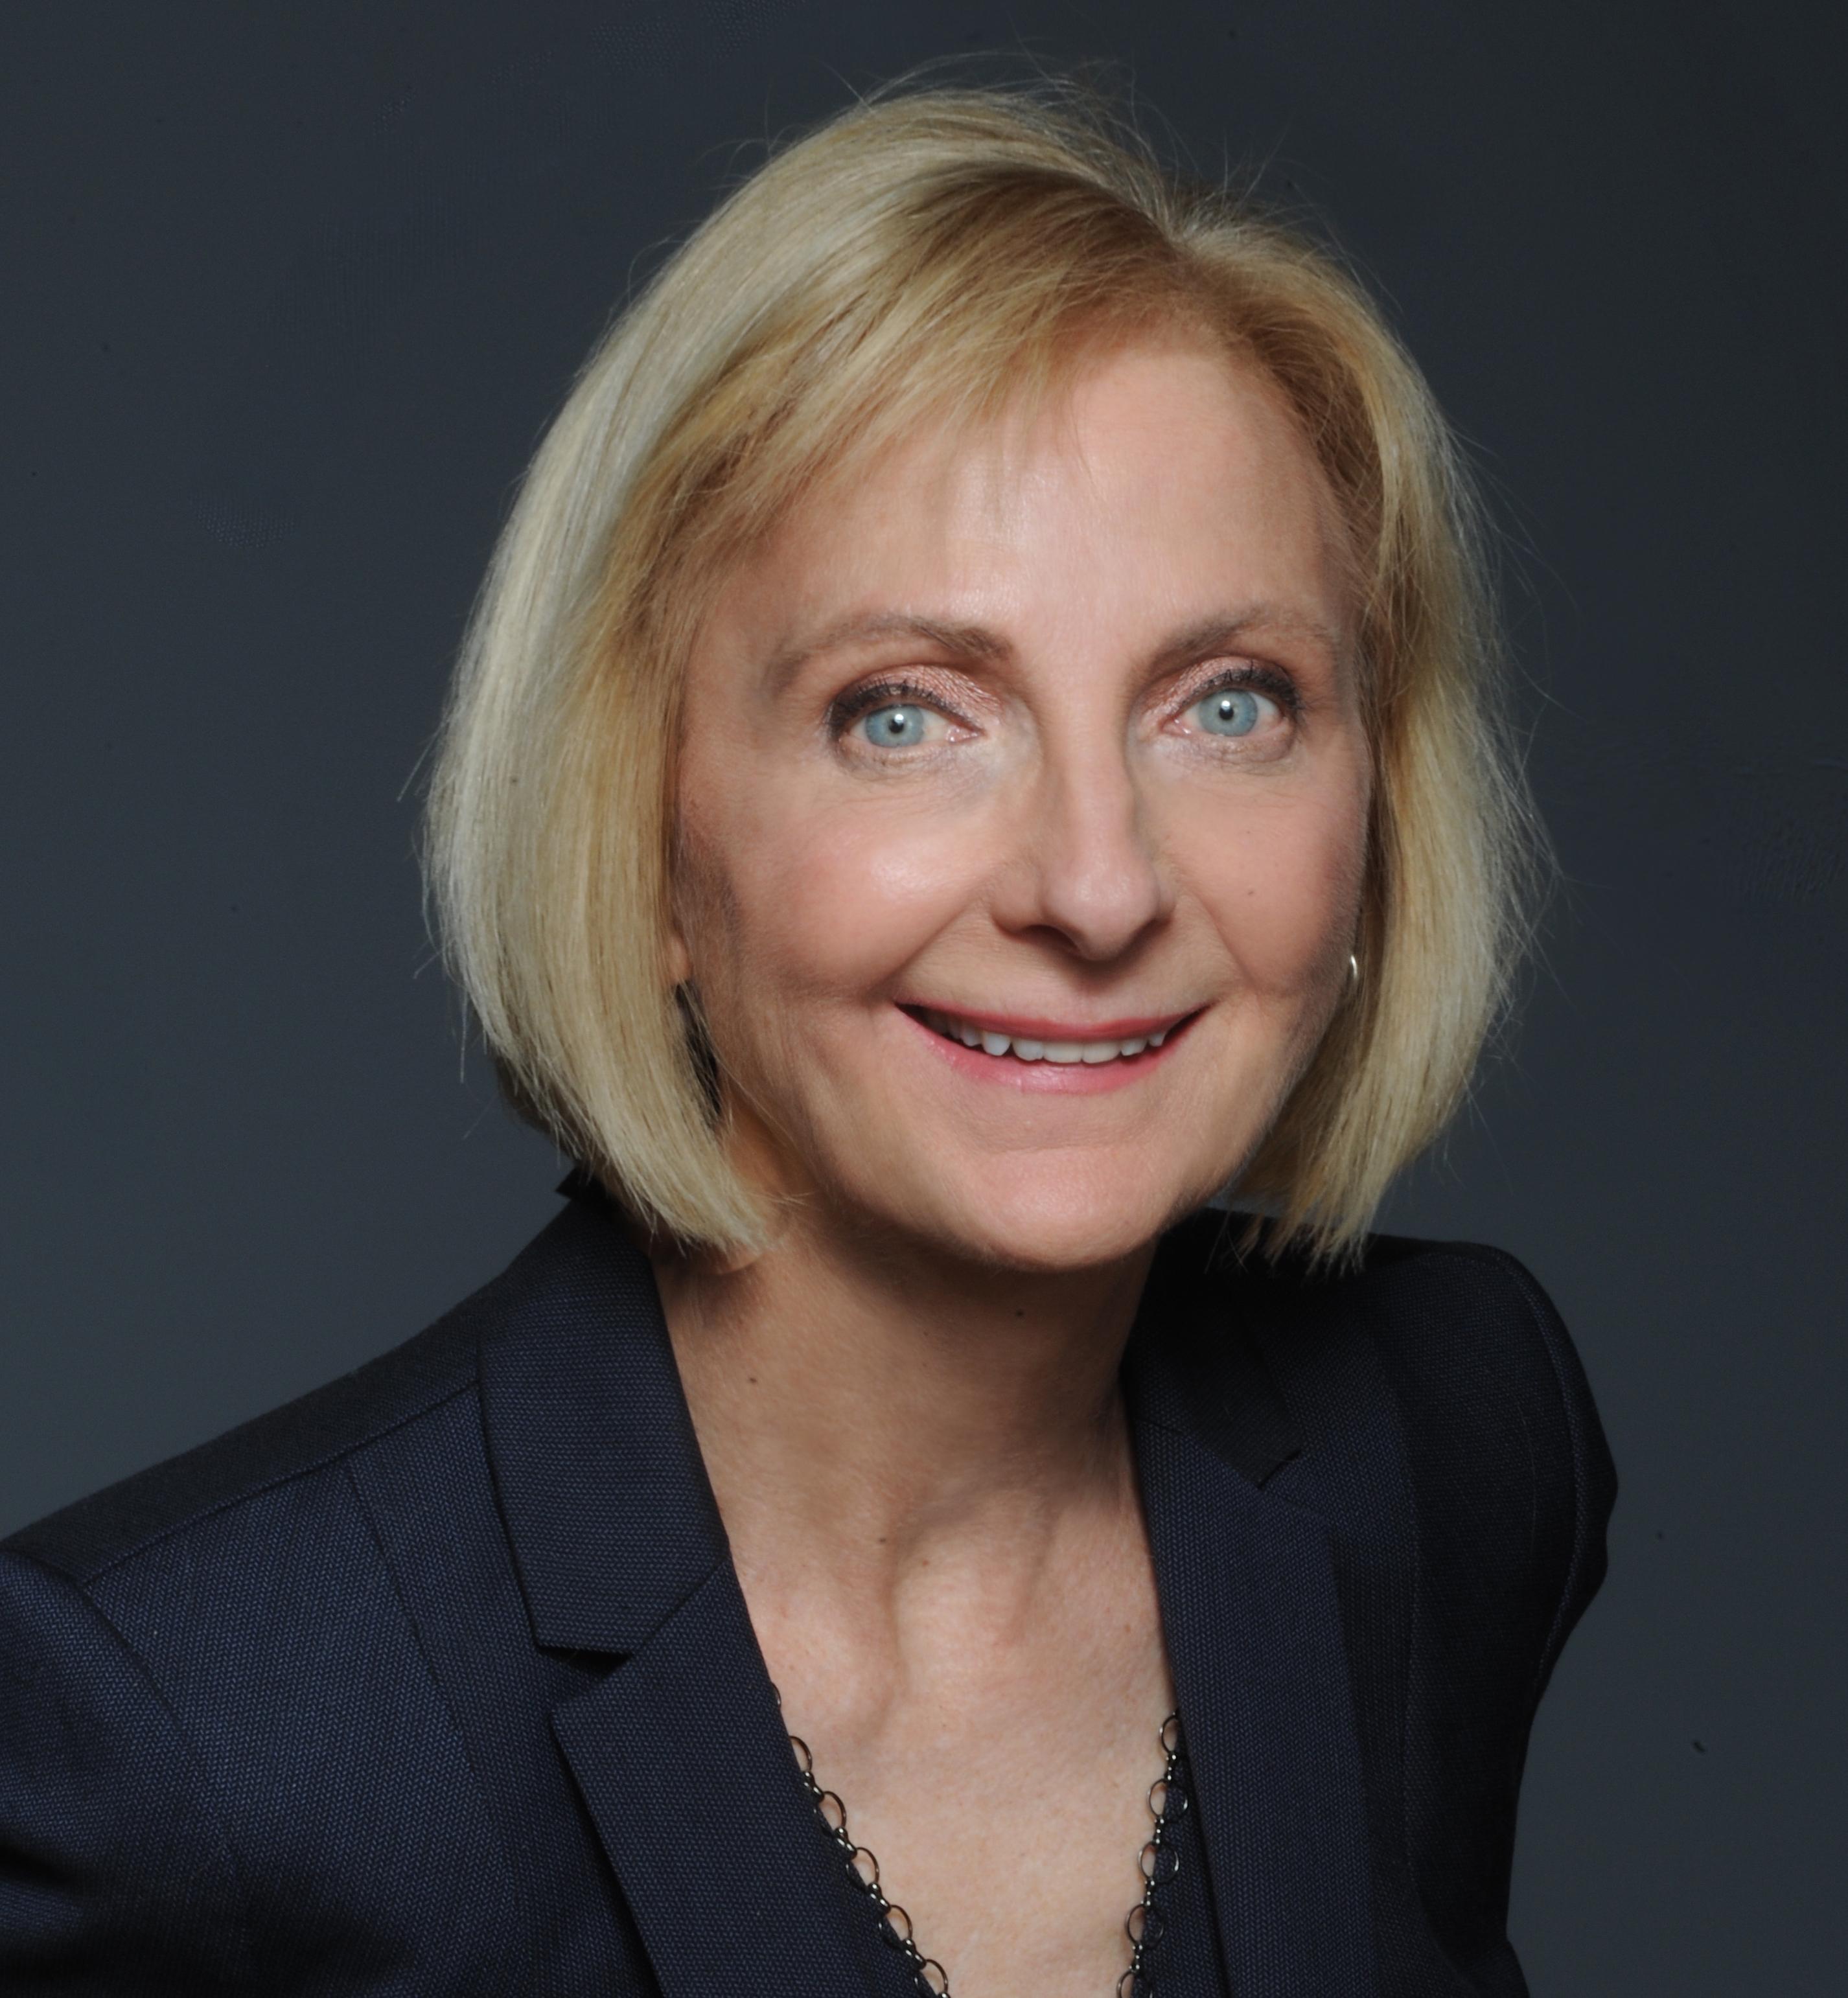 Suzanne R. Mellen